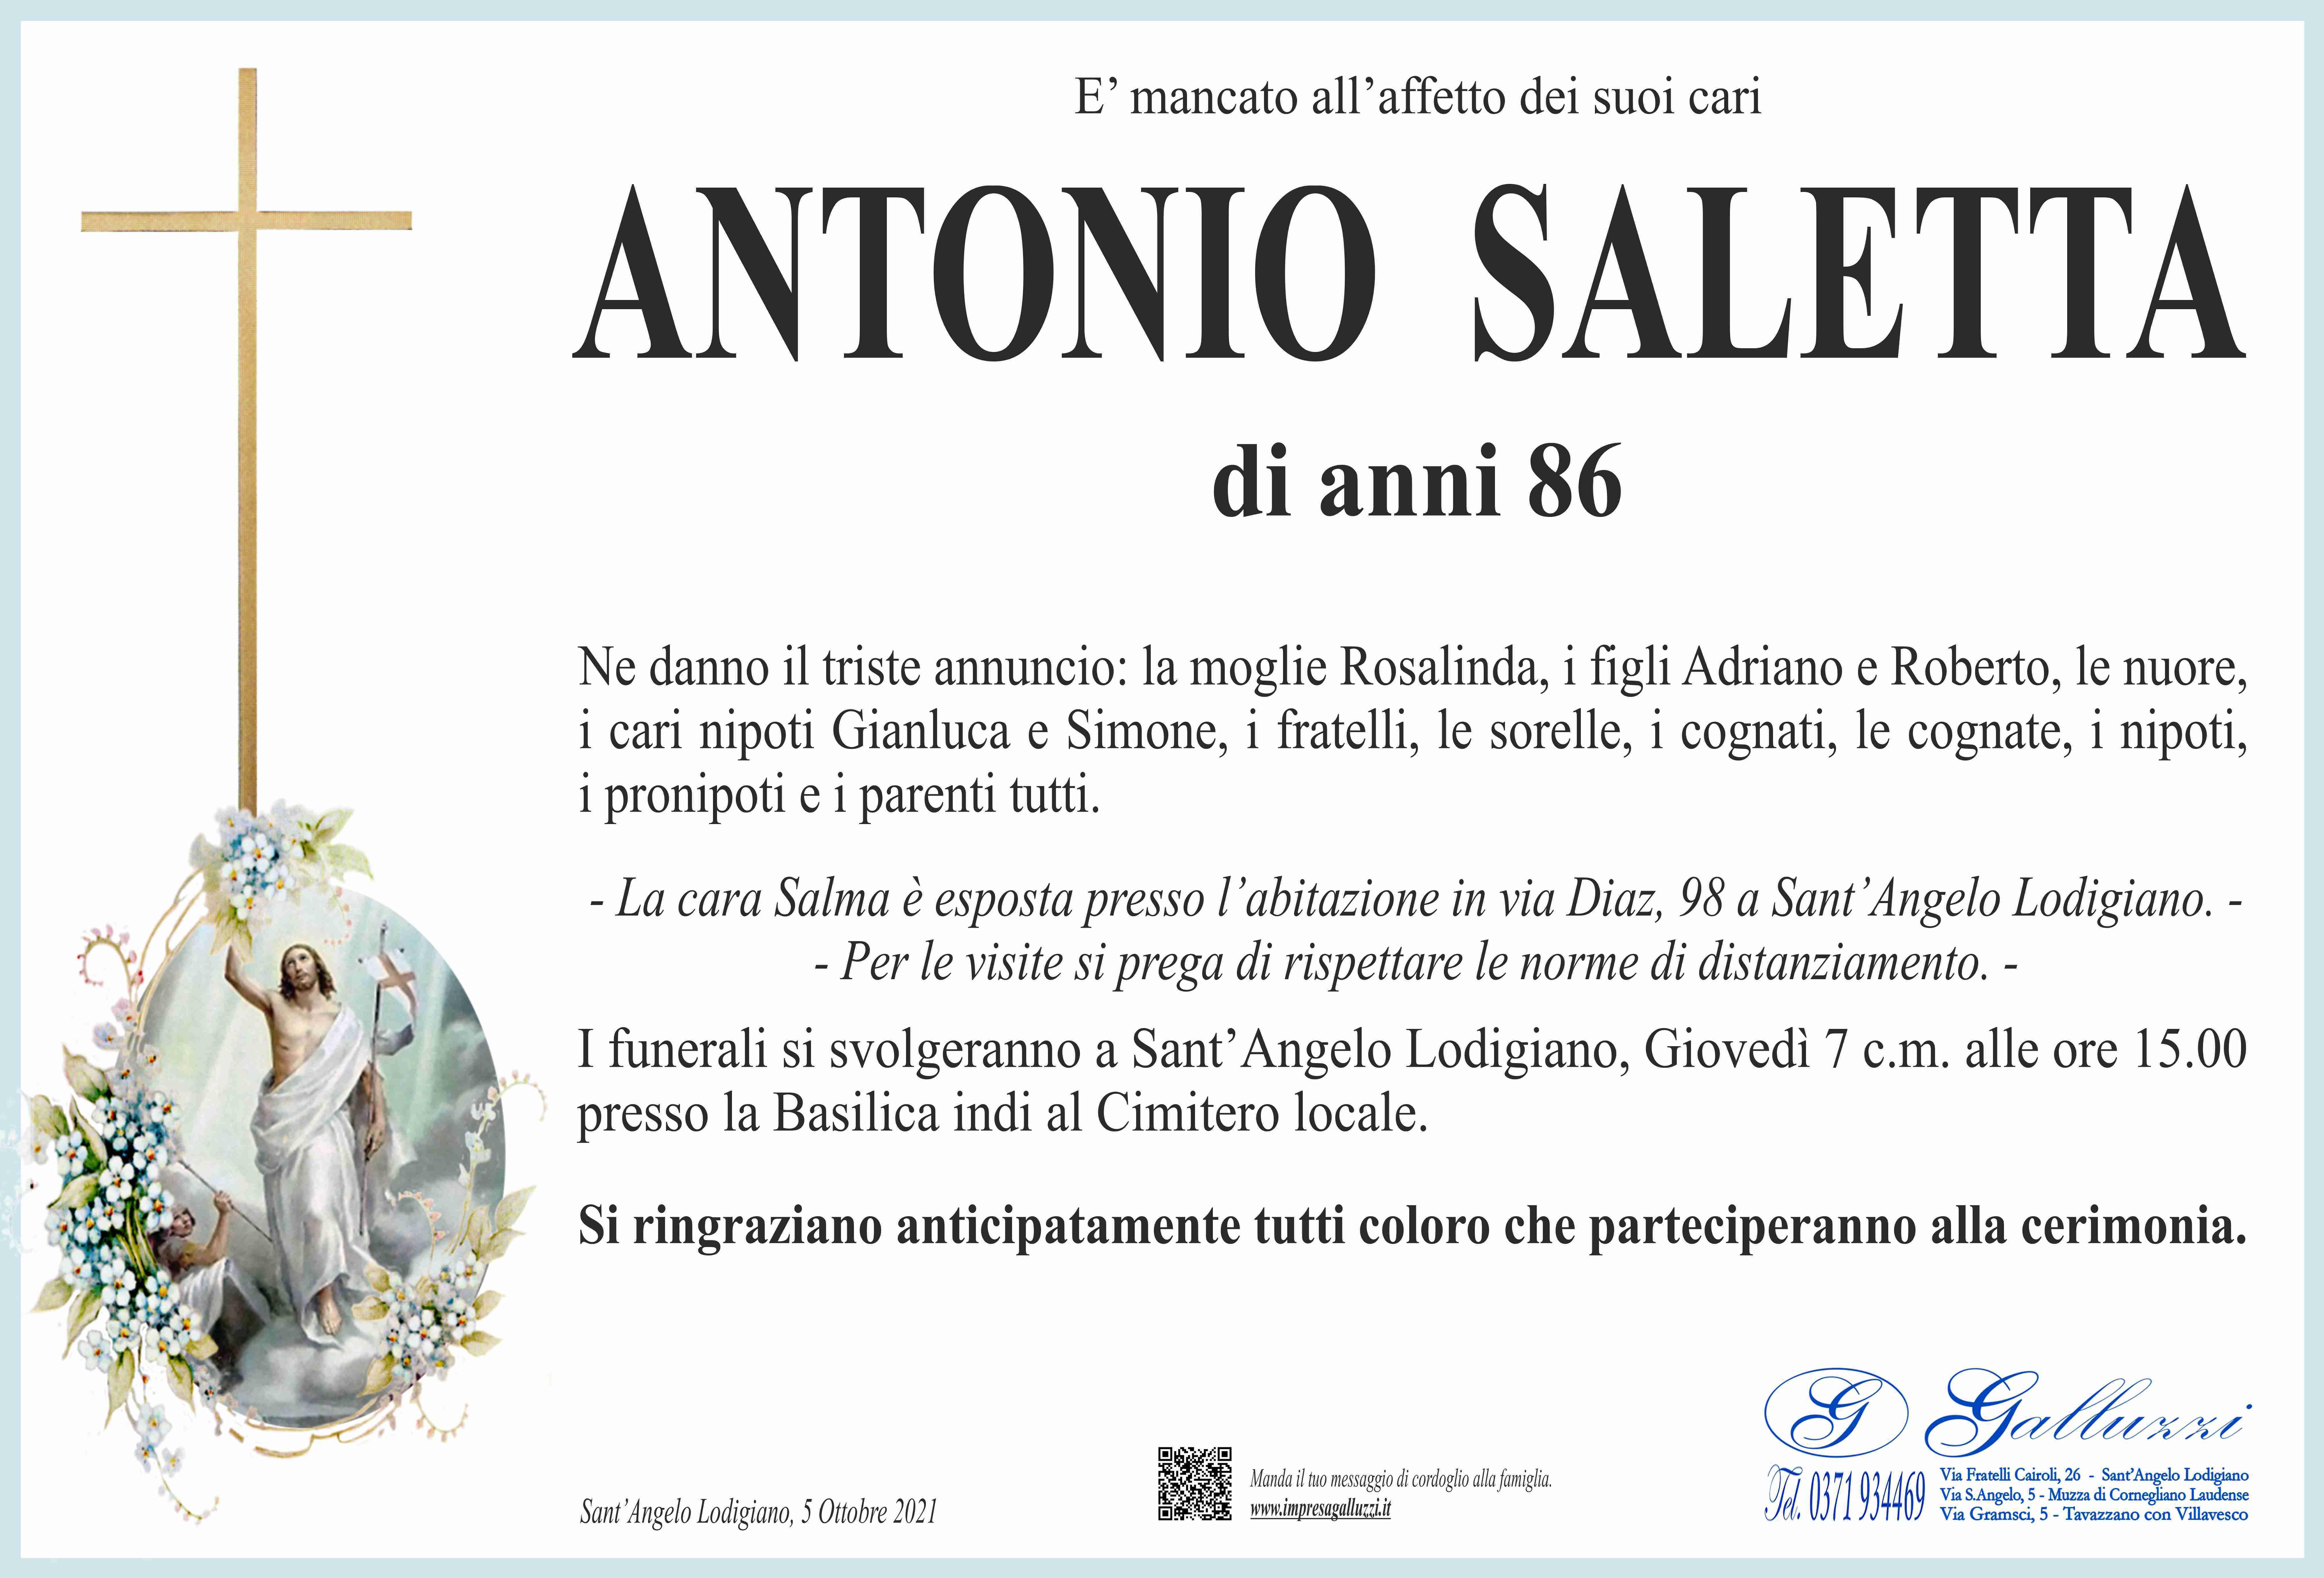 Antonio Saletta